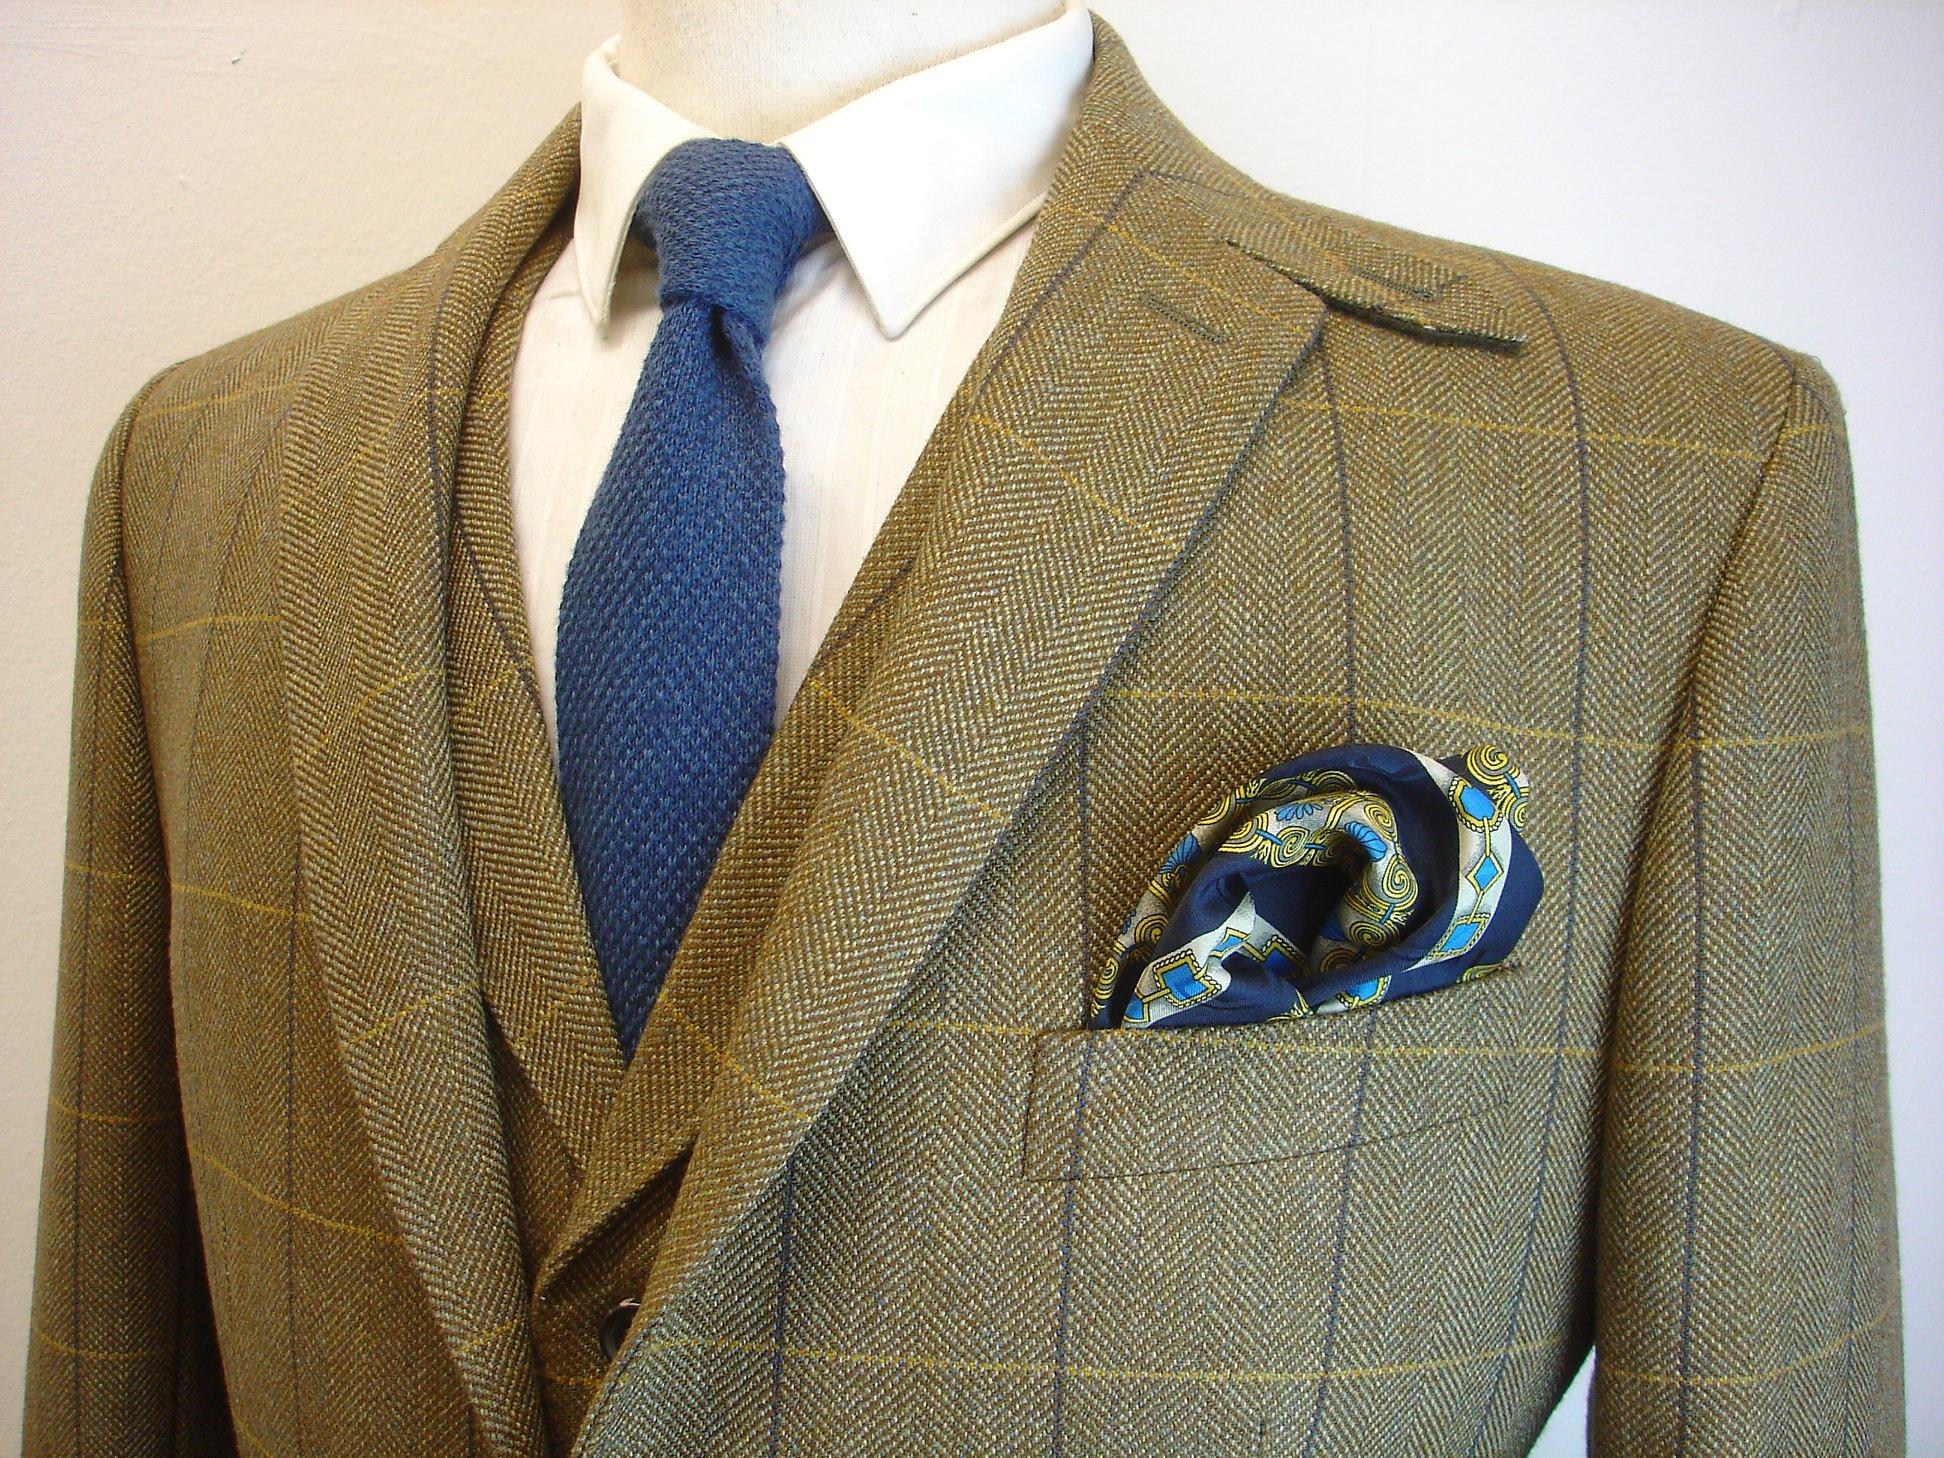 Porter & Harding Hartwist Tweed Suit (14).jpg